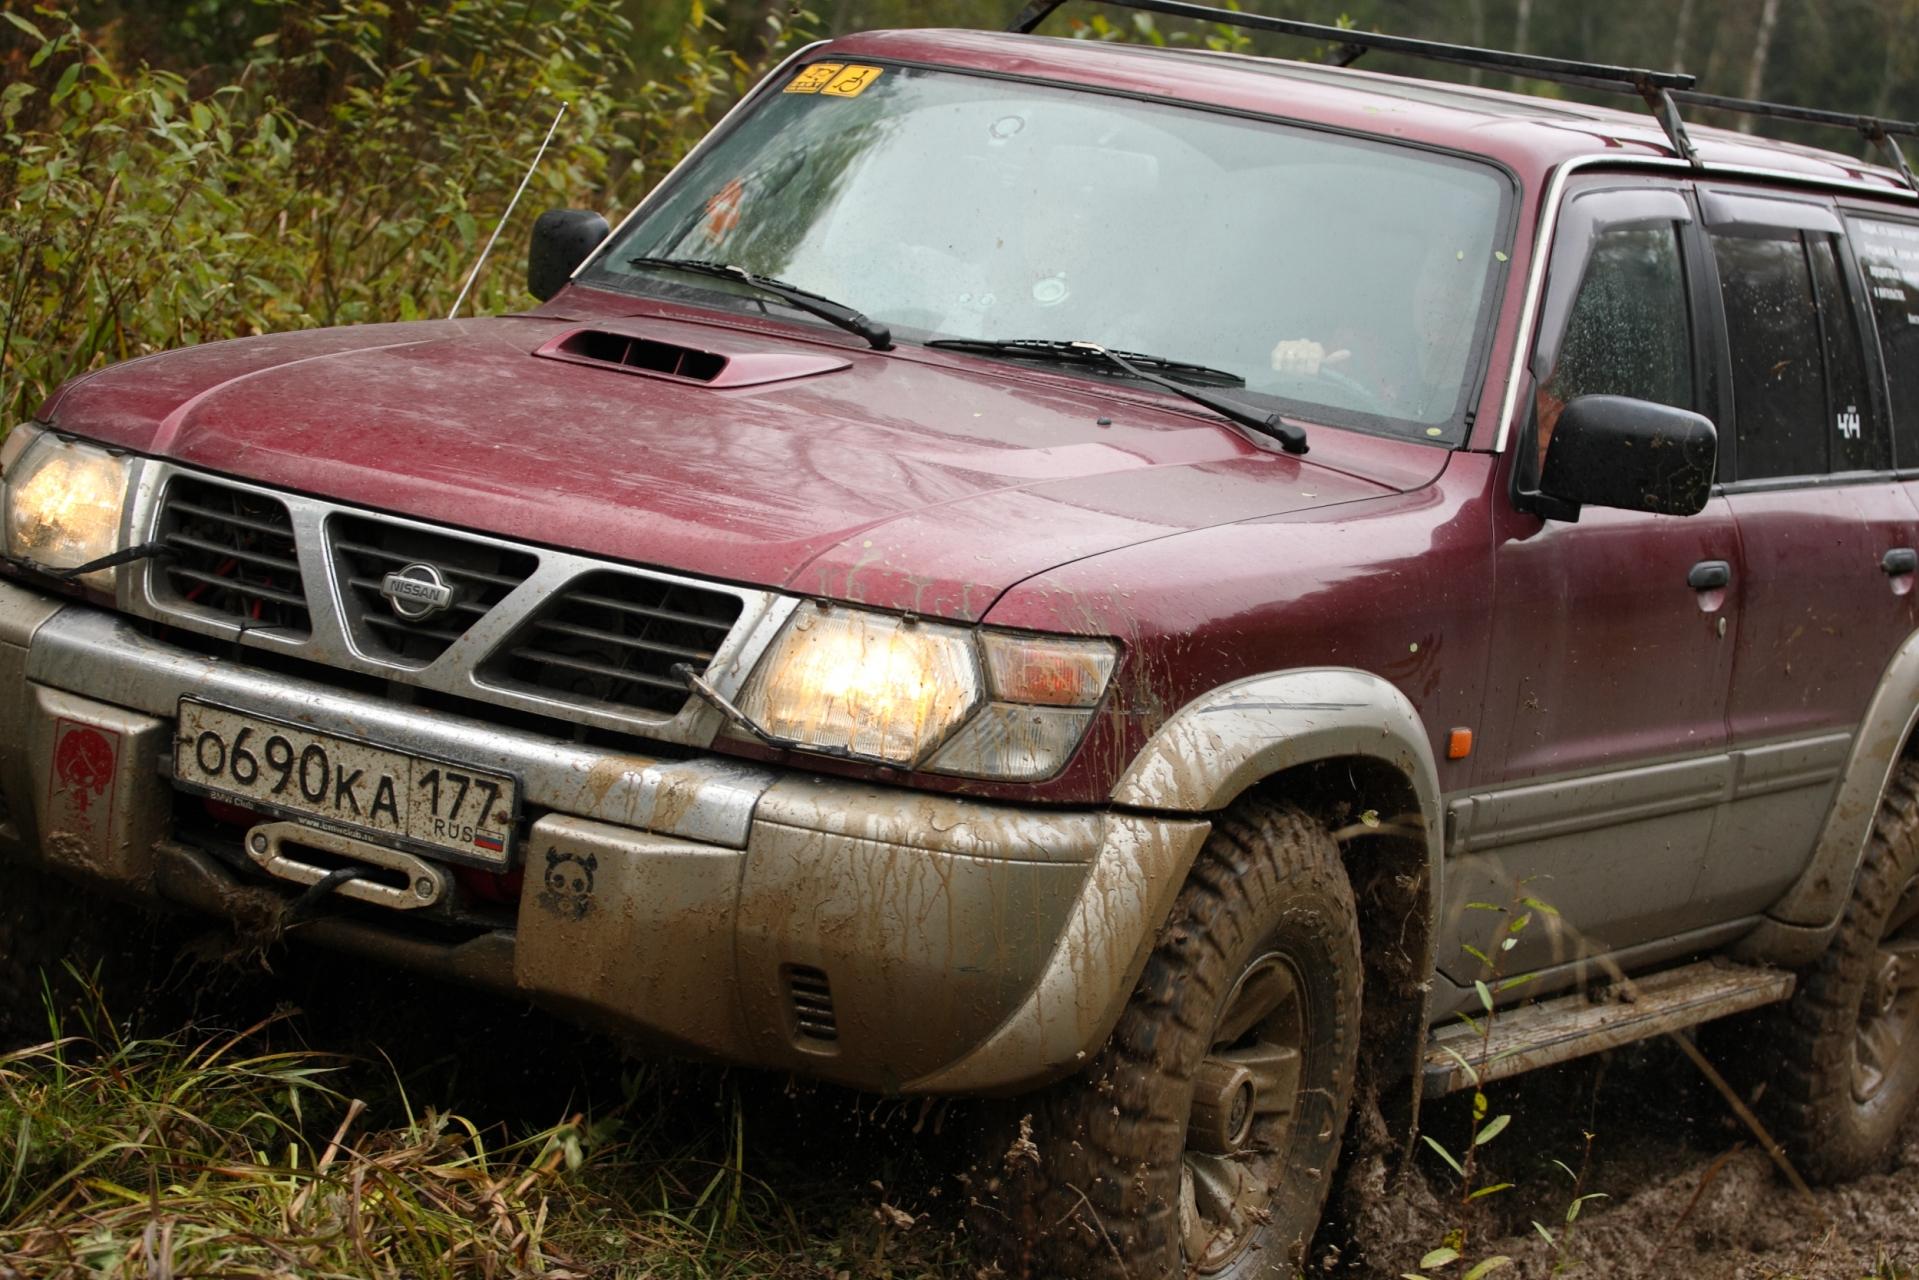 ISEA_autoclubman_089.JPG